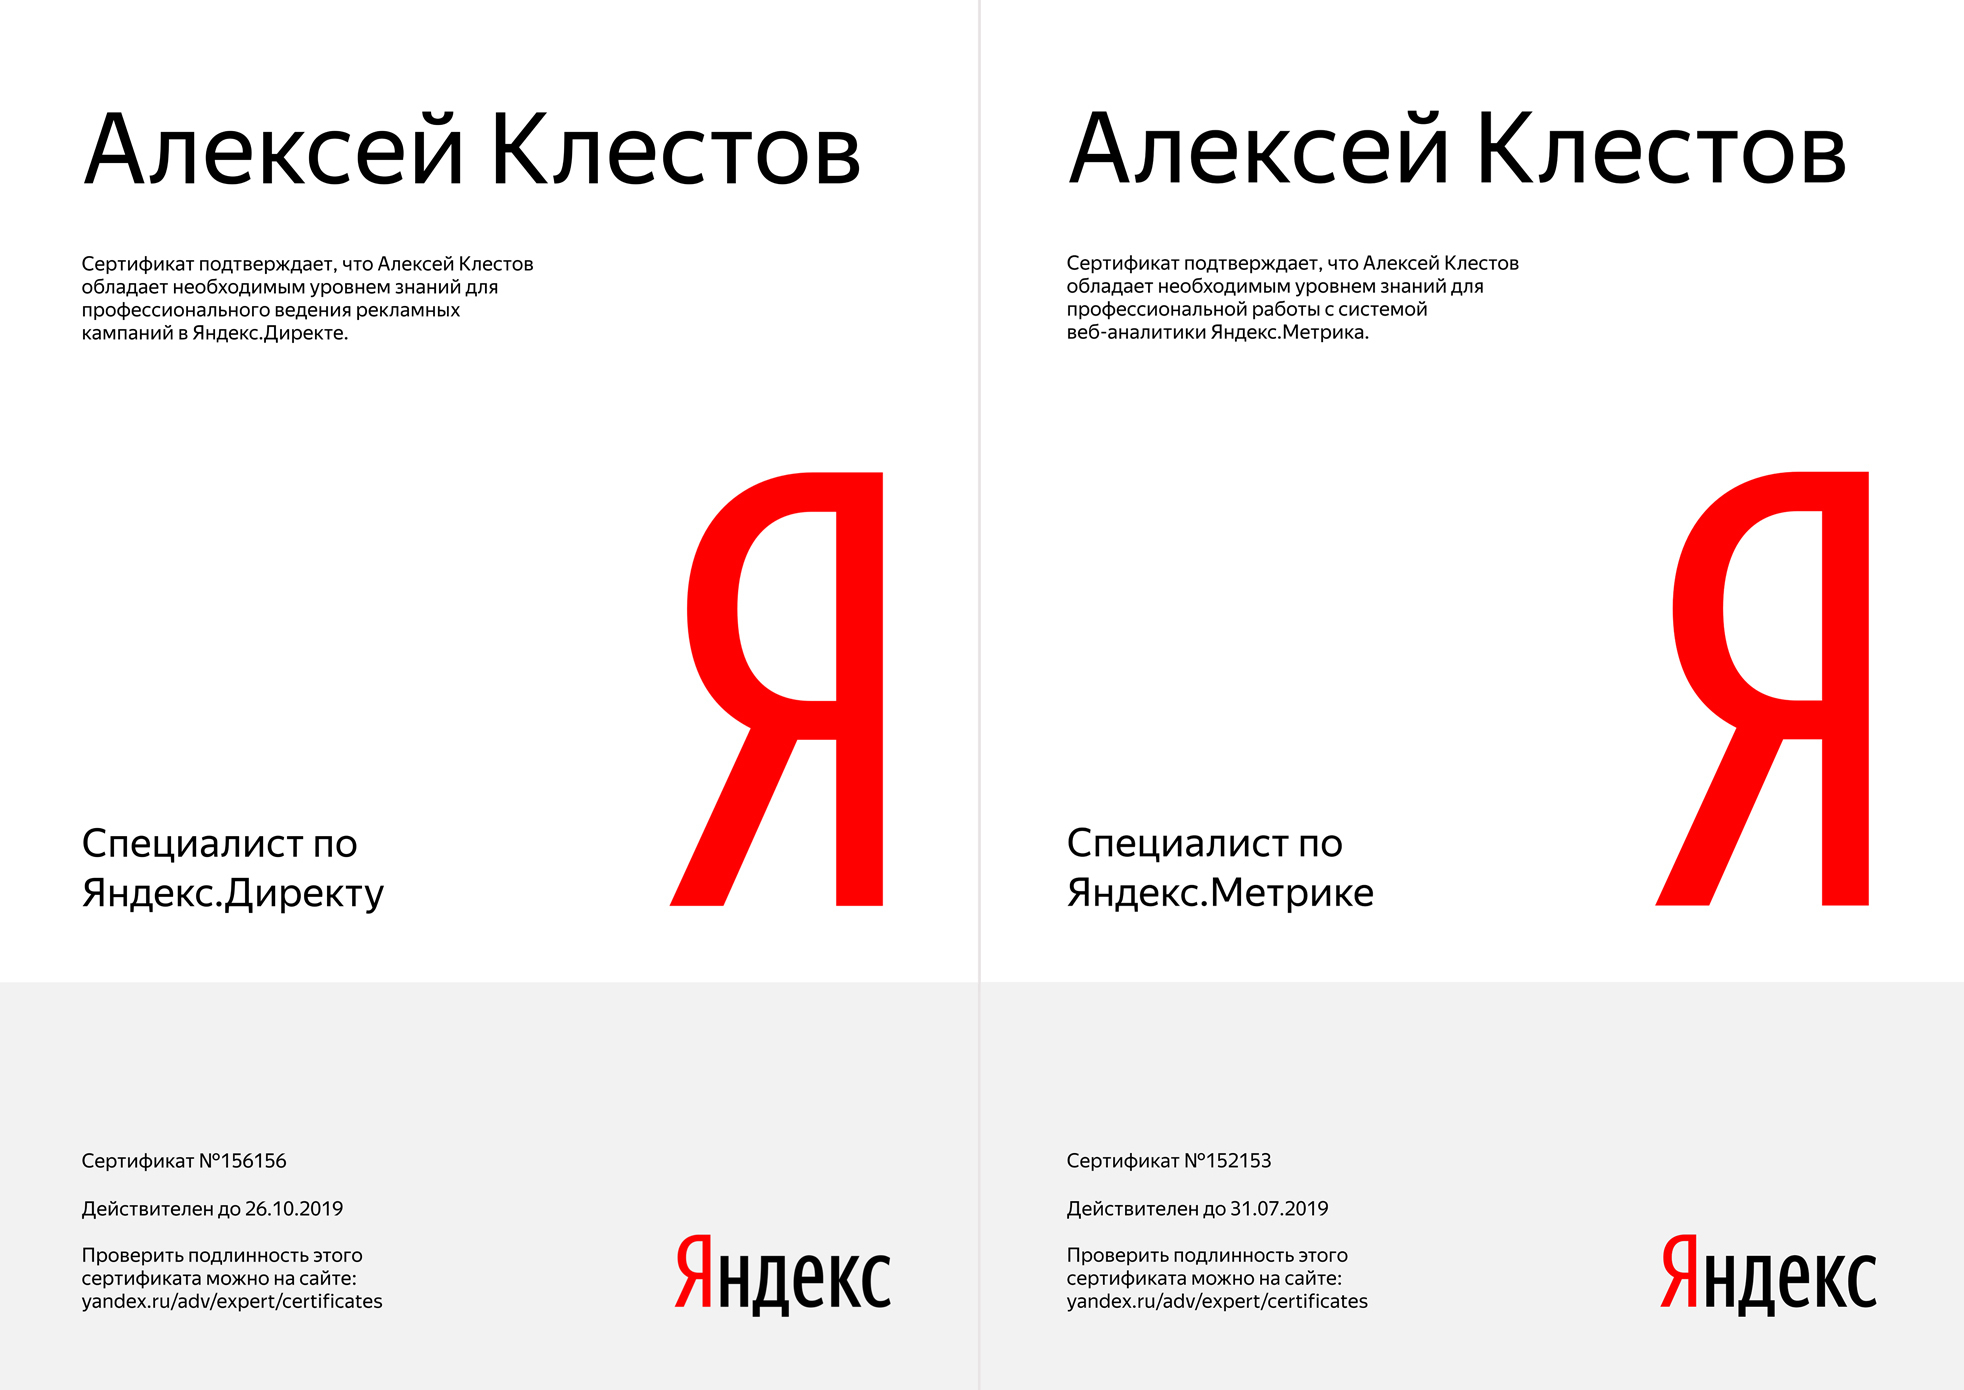 Сертифицированные специалисты по Яндекс директ Сертифицированные  специалисты по Яндекс директ a4a270e9e56